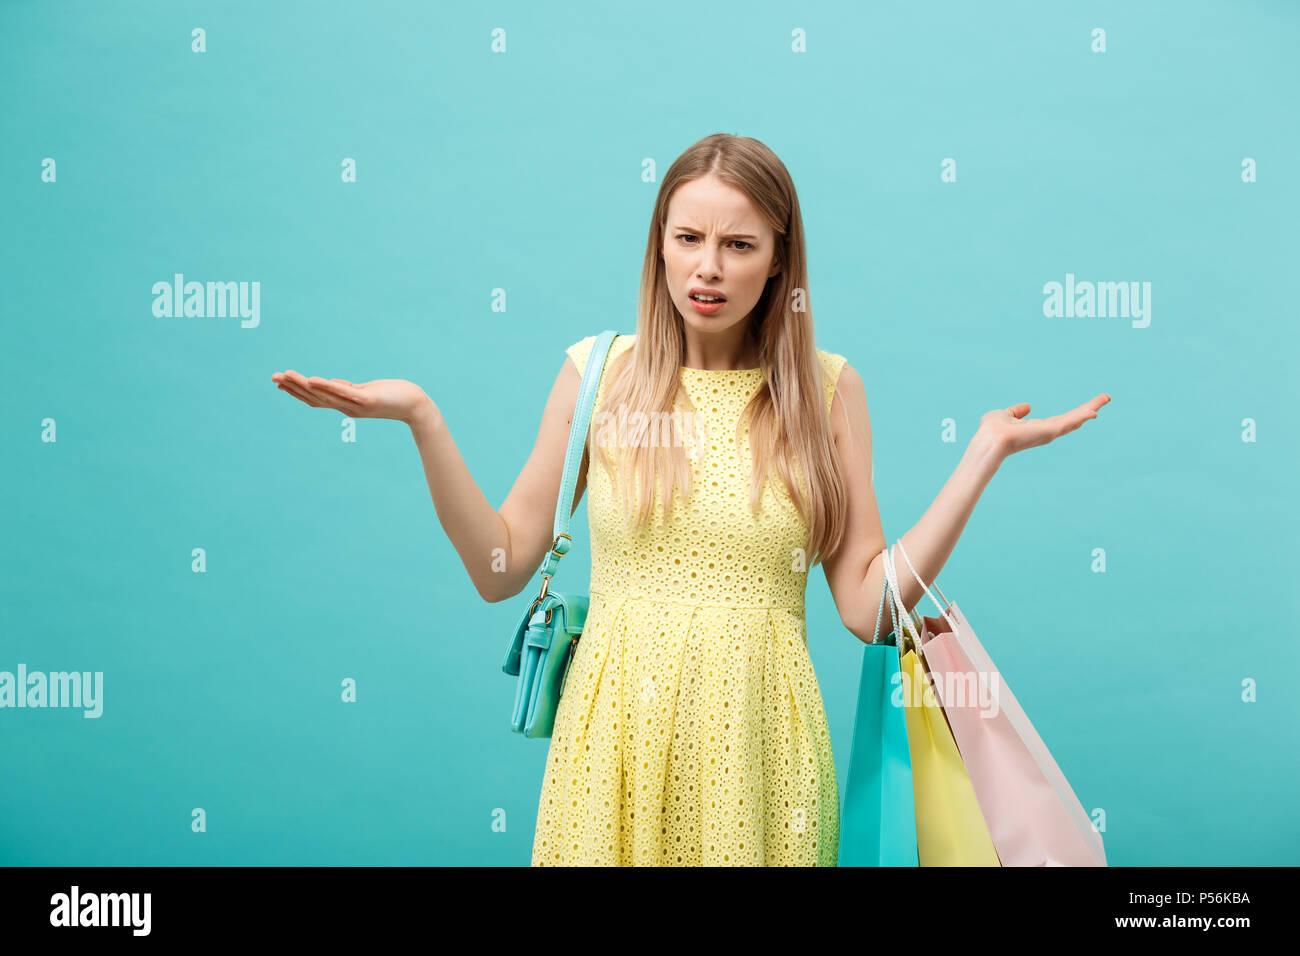 Shoping e concetto di vendita: bella infelice giovane donna in giallo abito elegante con shopping bag. Immagini Stock